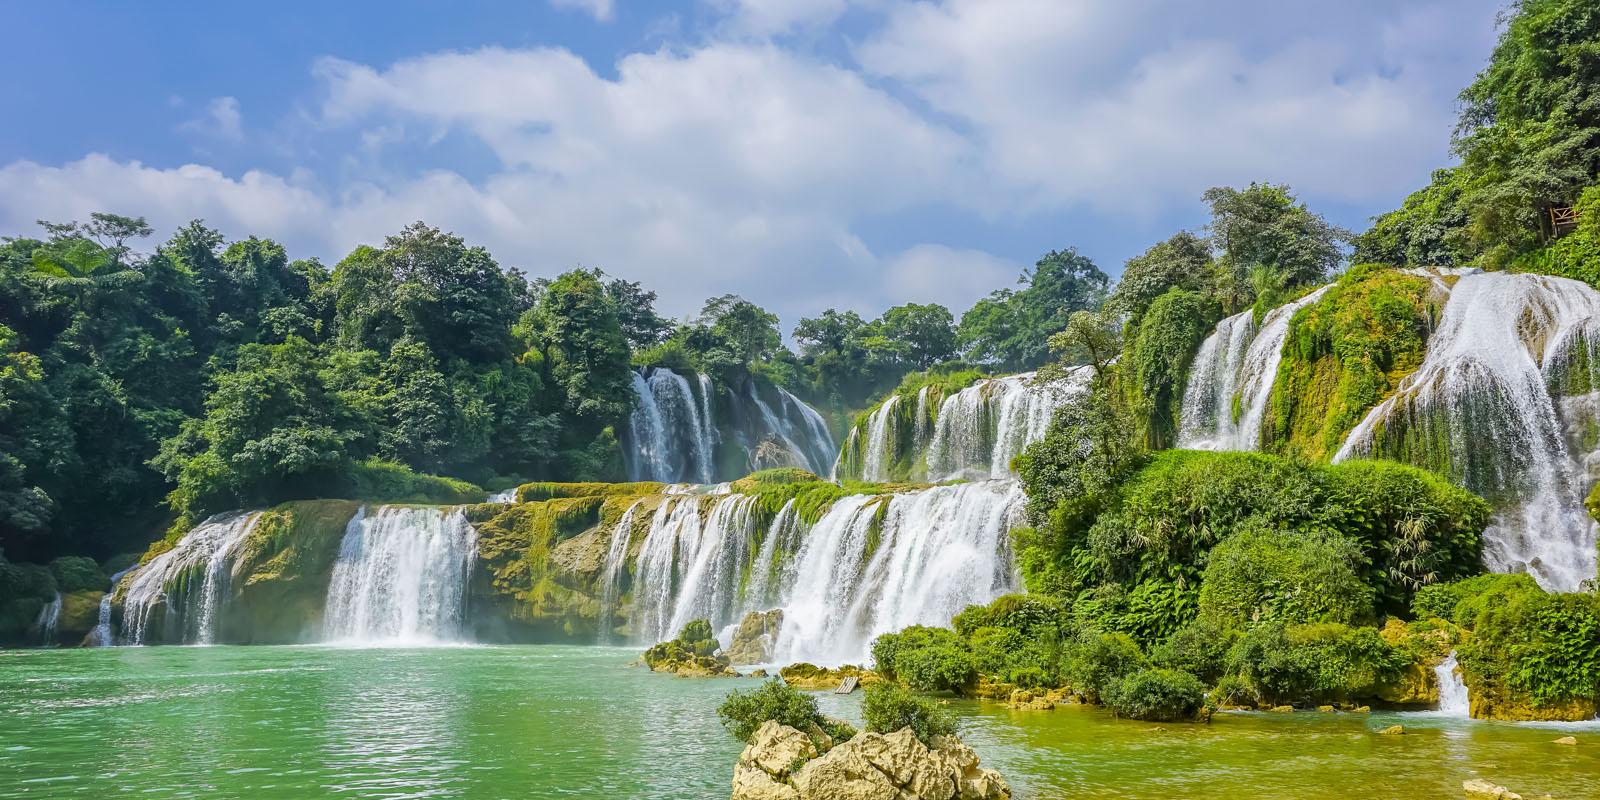 cascate asia suoni natura umore